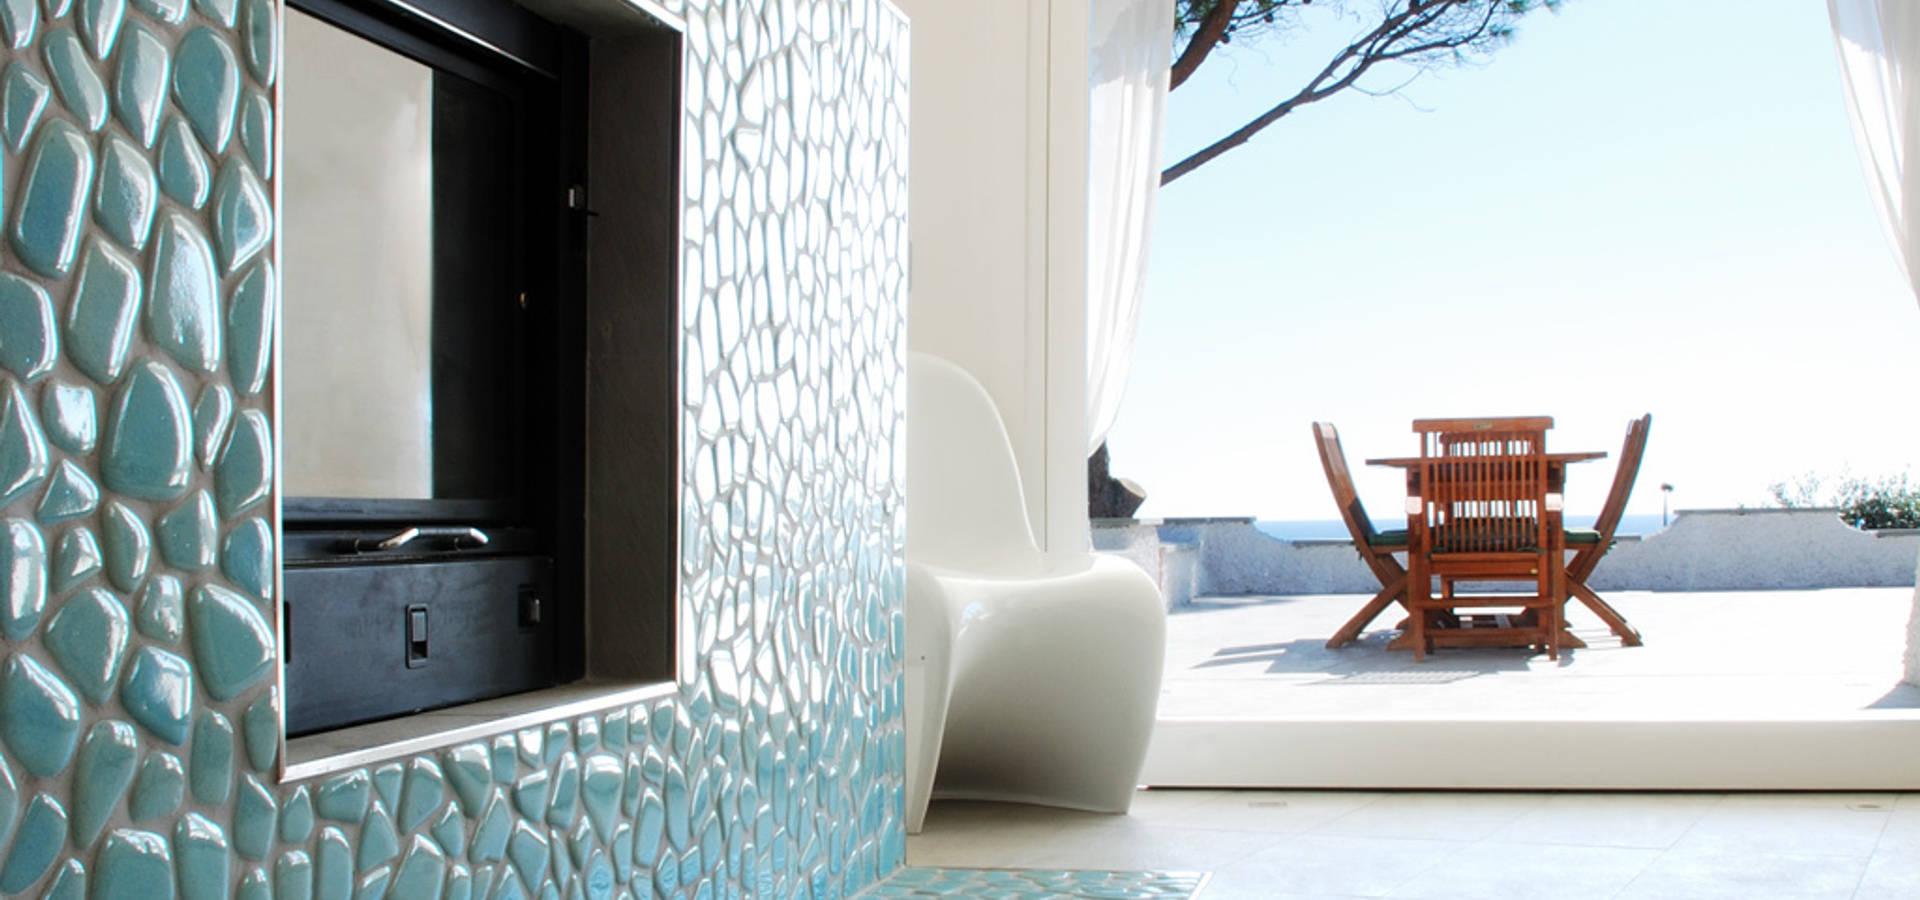 Villa time by defpoint studio architettura interni homify for Interni architettura